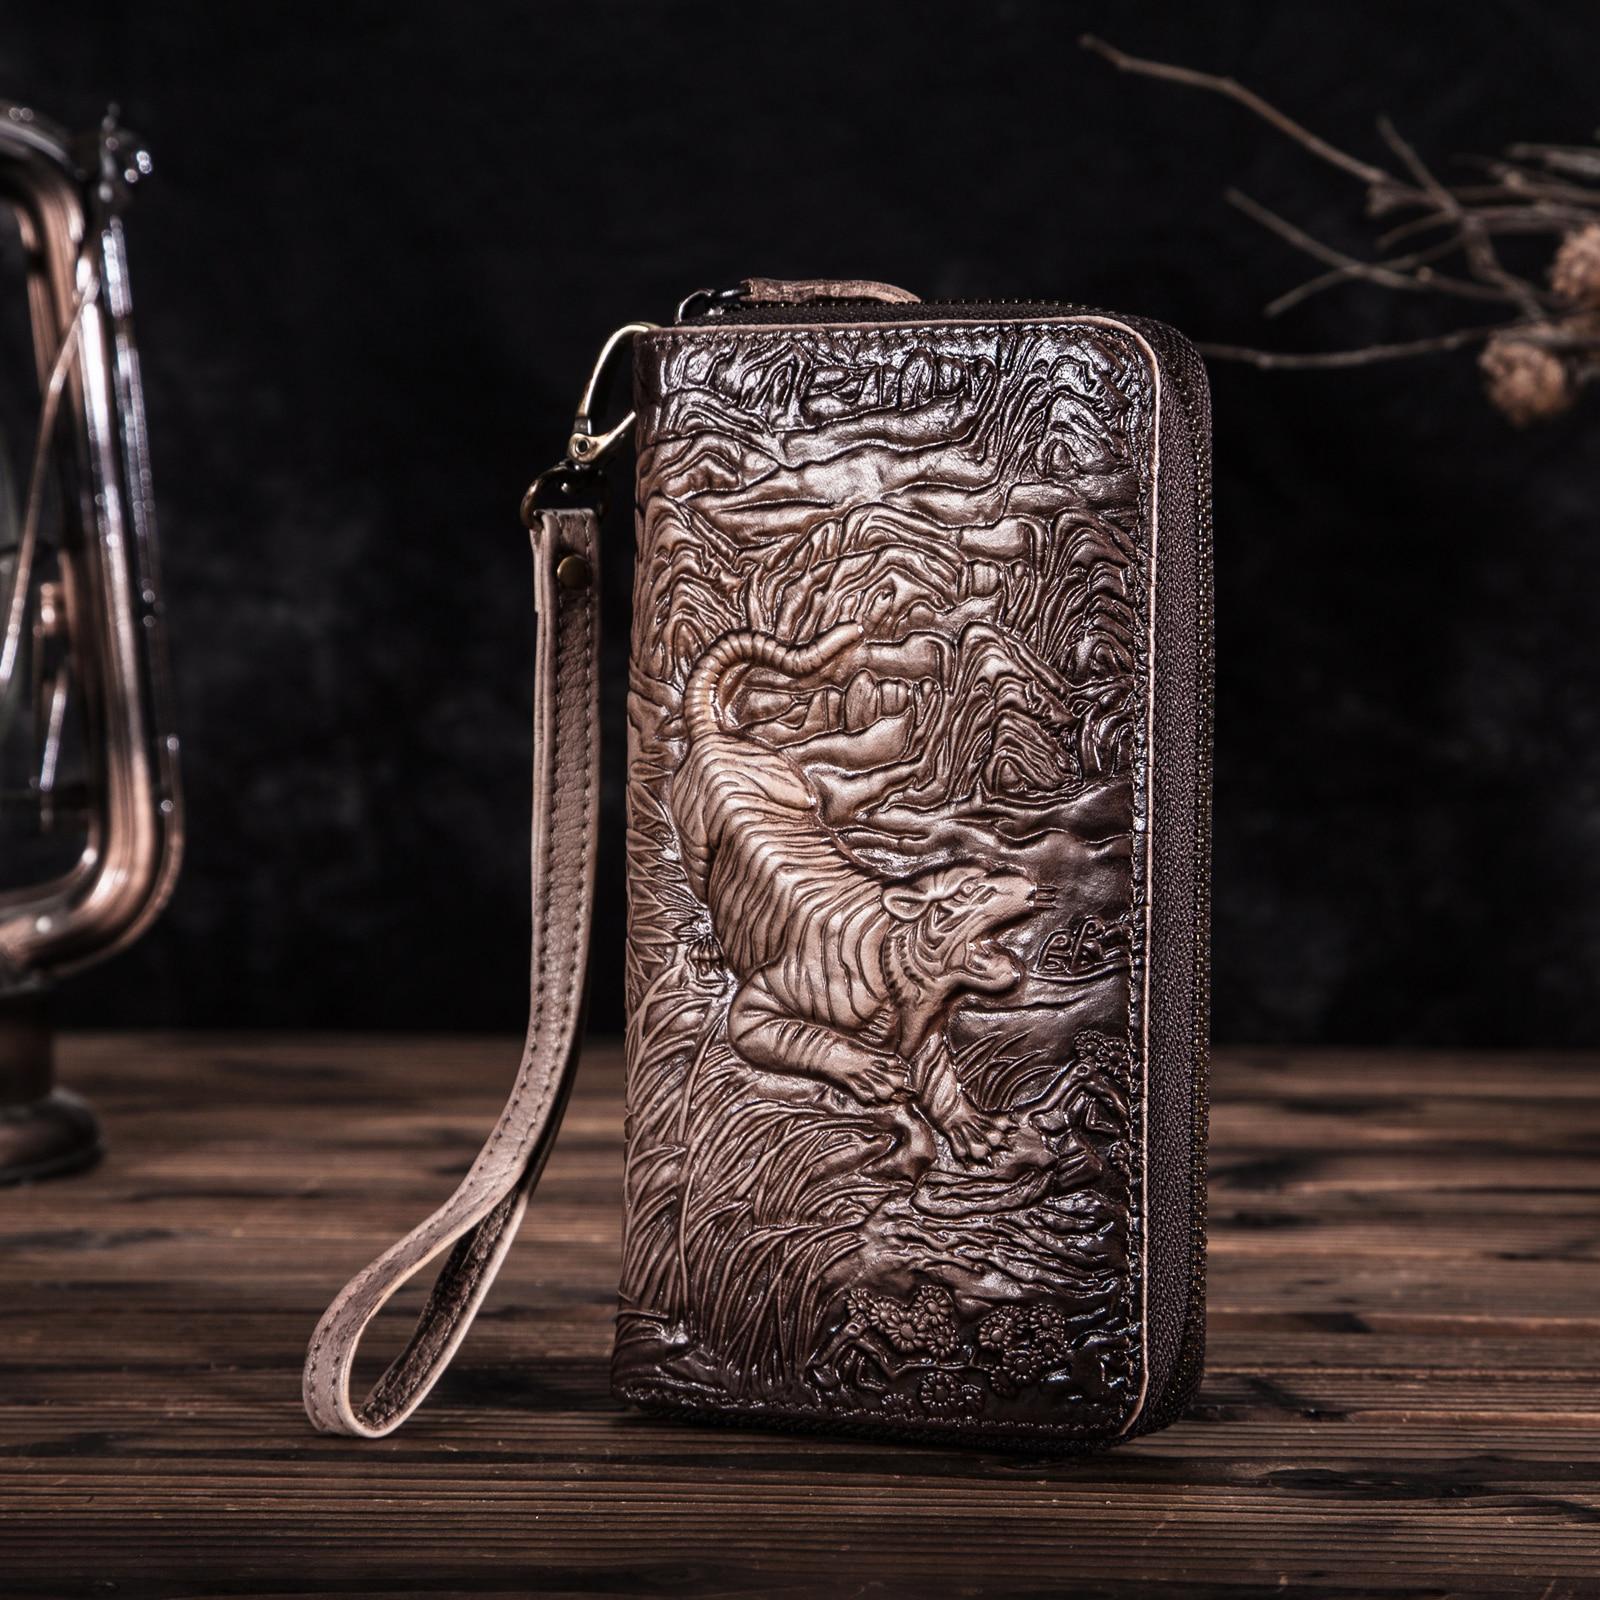 Unisex Genuine Quality Leather Fashion Brand Chain Checkbook Zipper Around Organizer Wallet Purse Design Clutch Handbag 1016ct